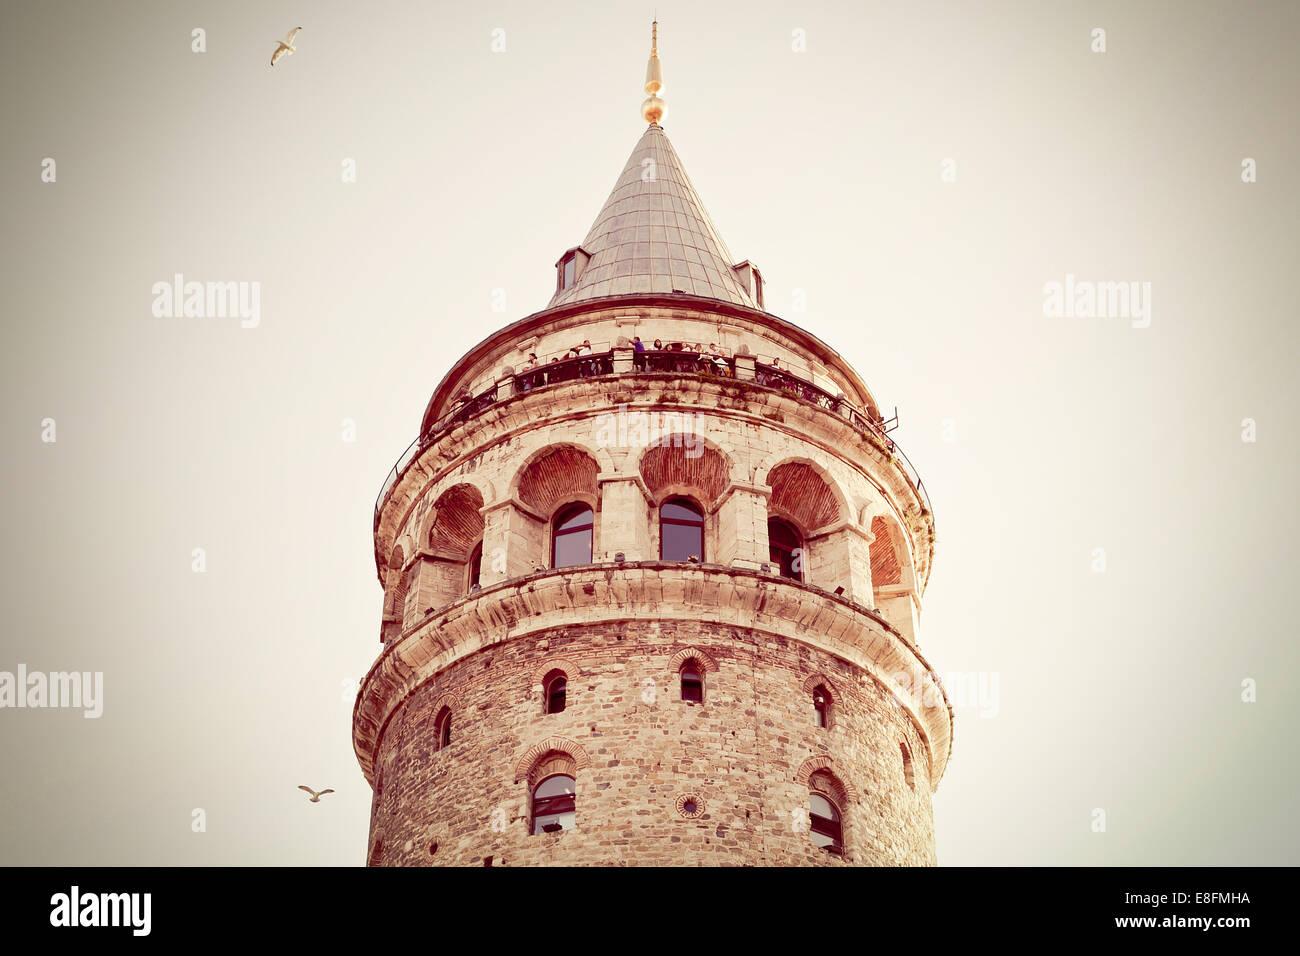 Turquía, Estambul, vista de ángulo bajo la Torre Galata Imagen De Stock